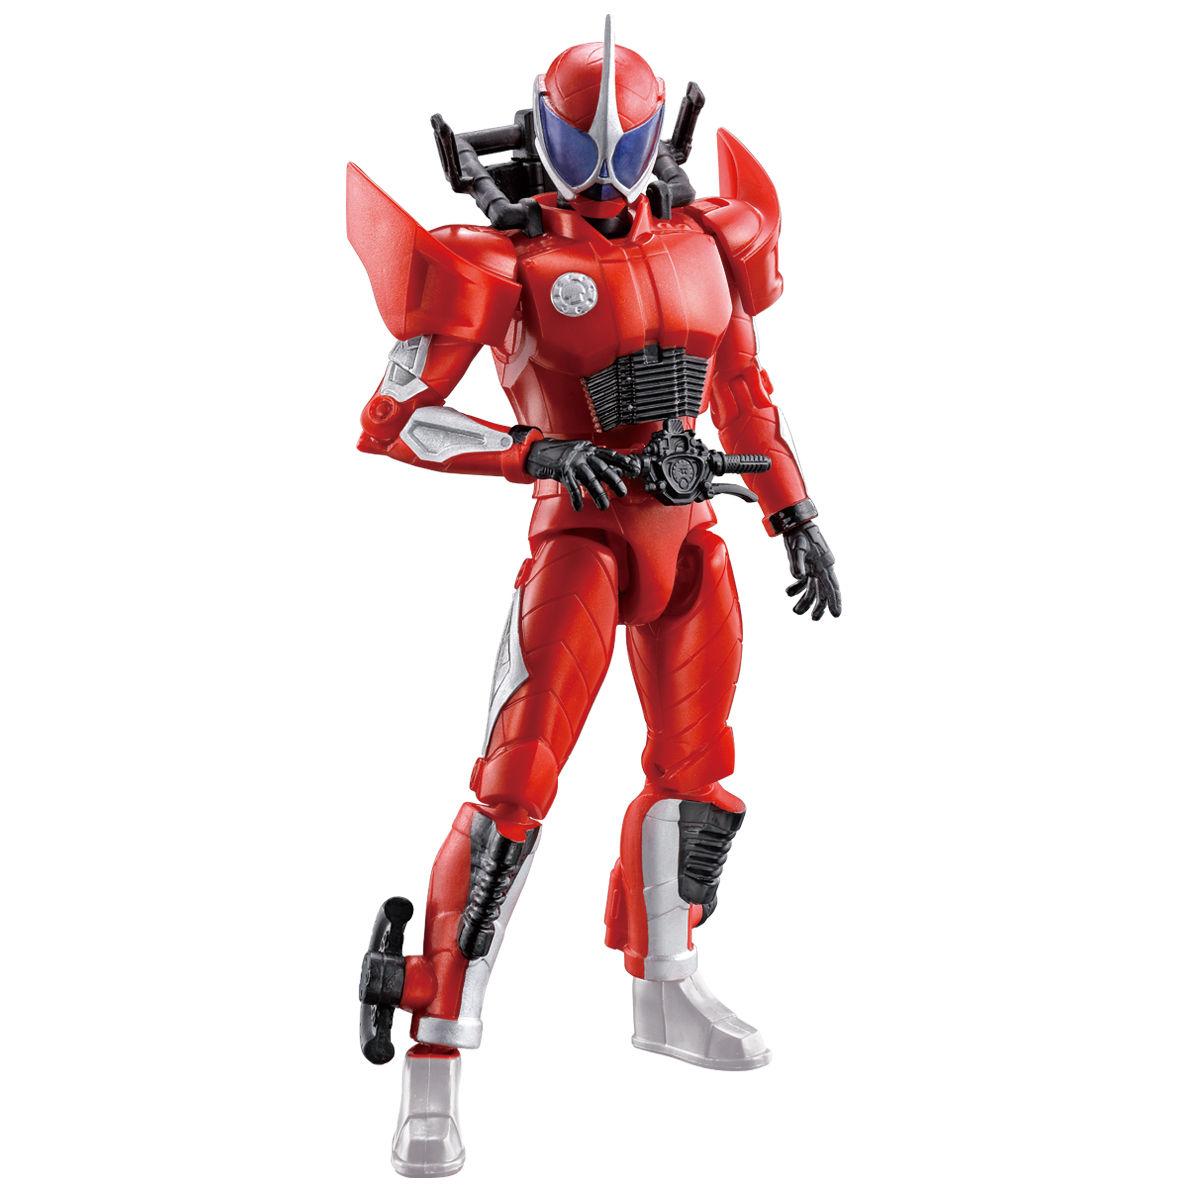 RKFレジェンドライダーシリーズ『仮面ライダーアクセル』可動フィギュア-001